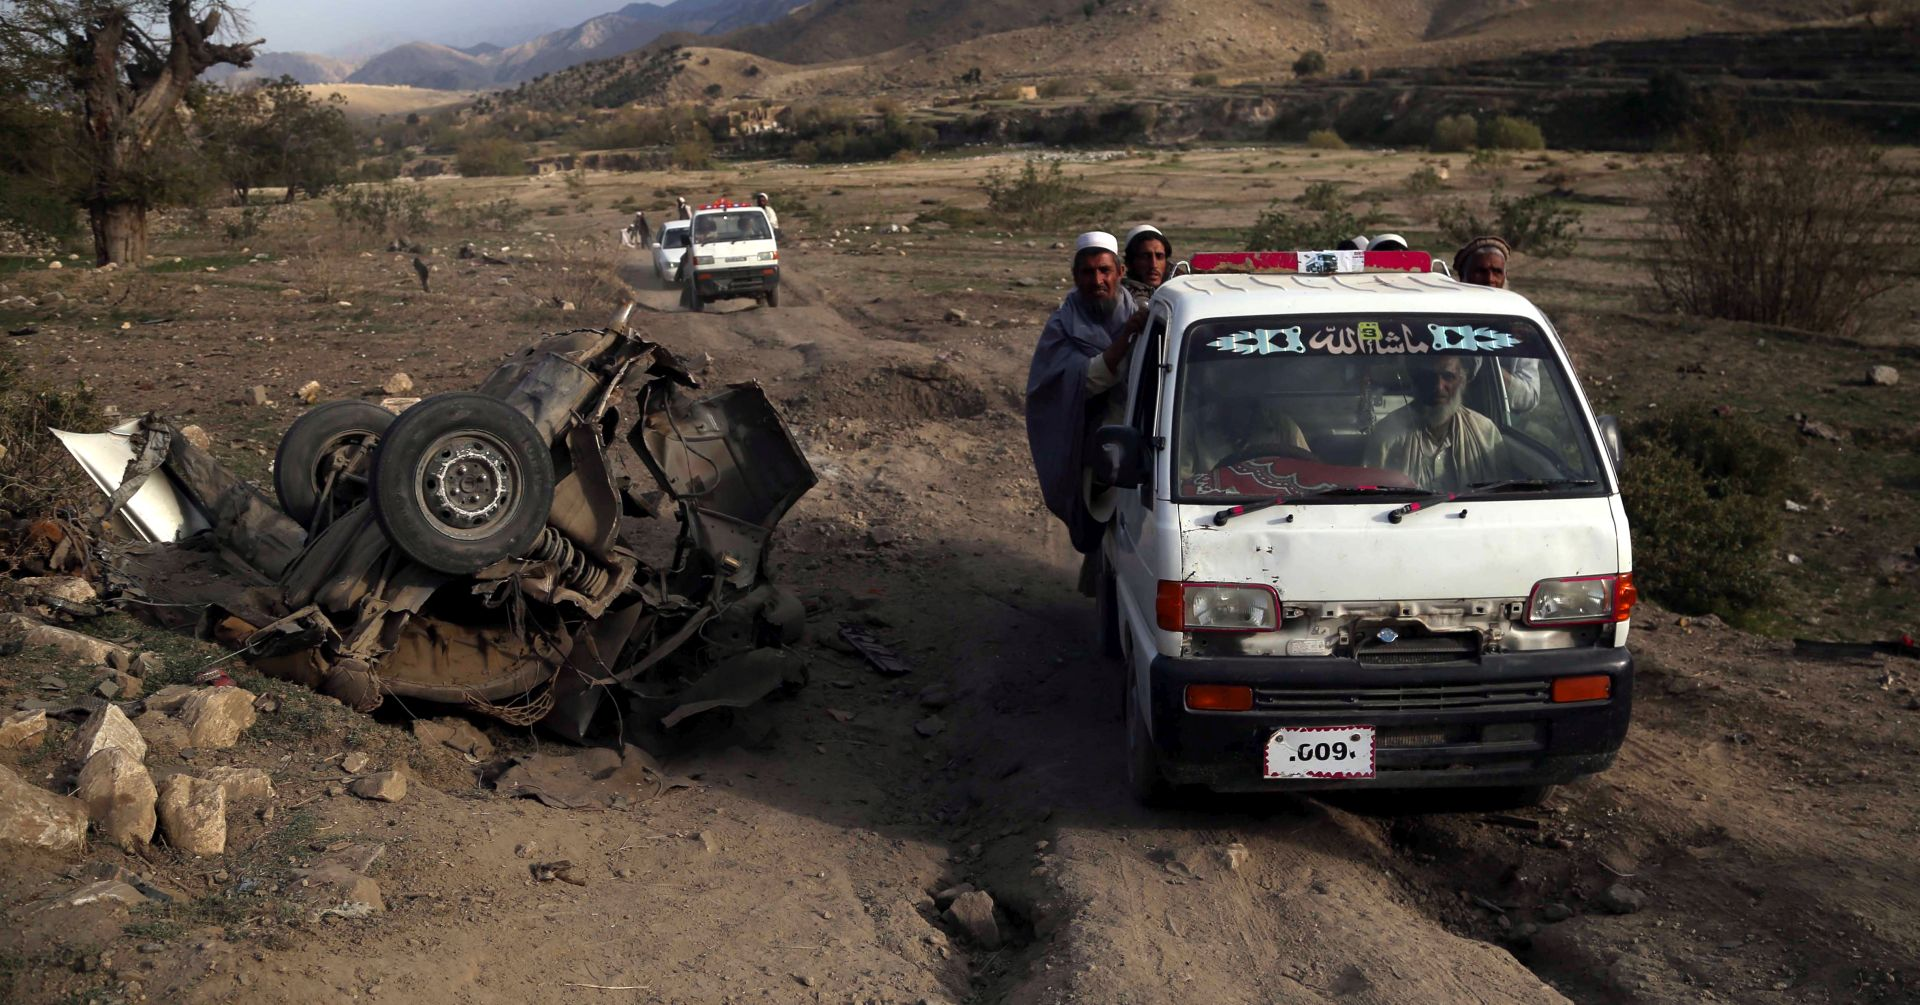 Srušio se helikopter afganistanske vojske, 25 mrtvih